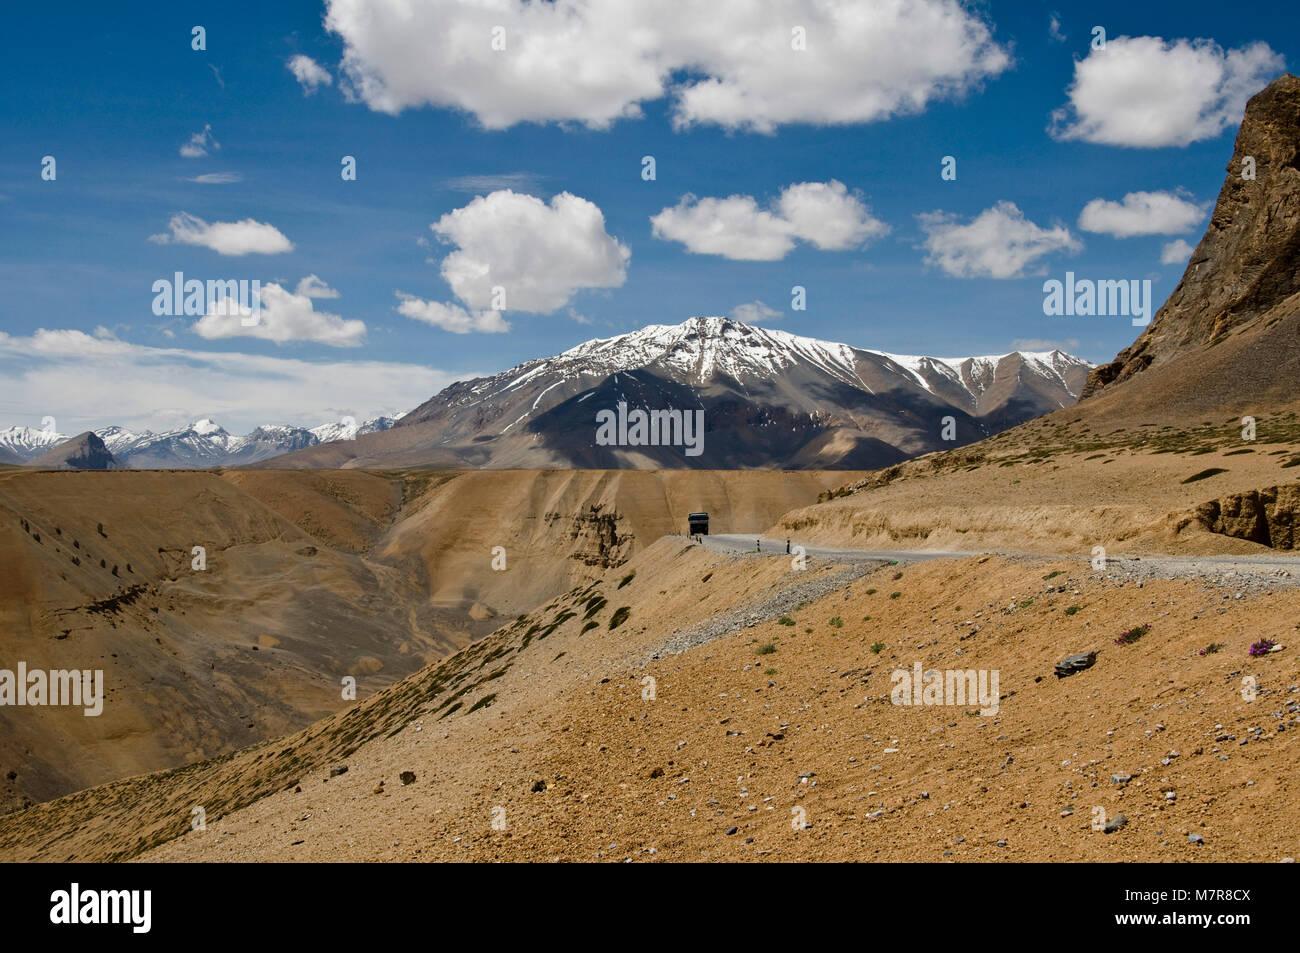 Leh-Manali Highway, Ladakh, India - Stock Image